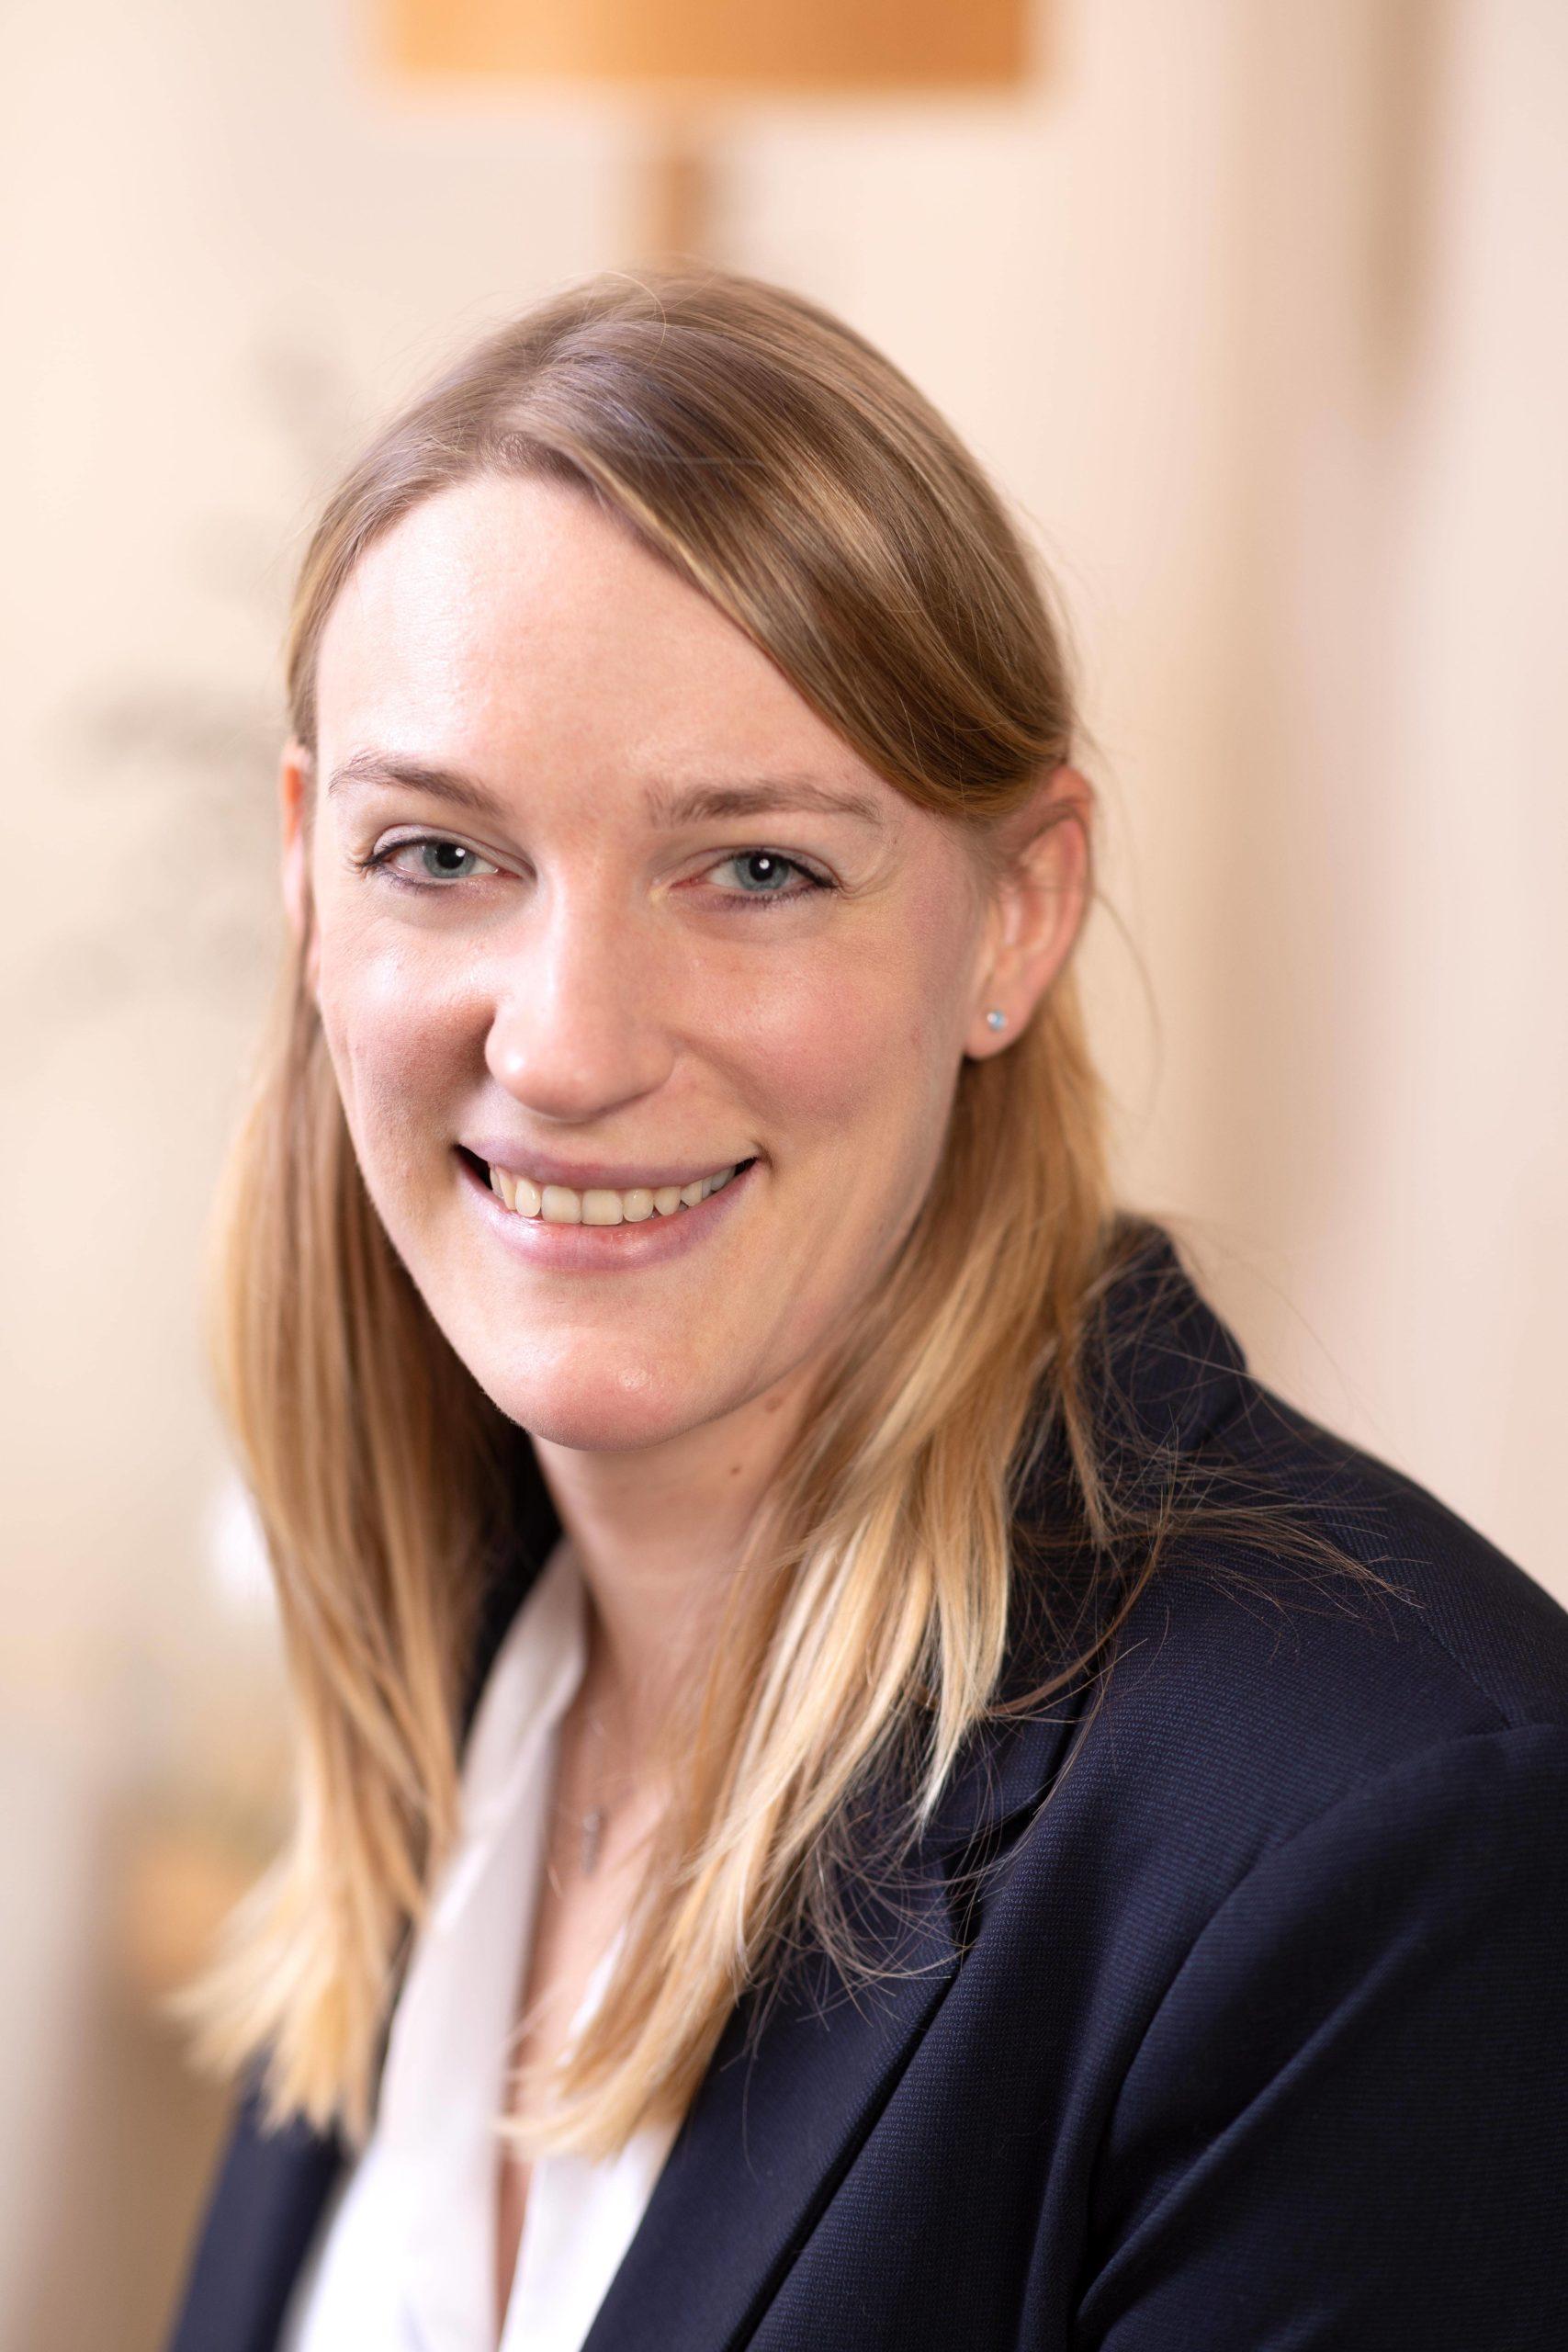 Marie DILLENSCHNEIDER